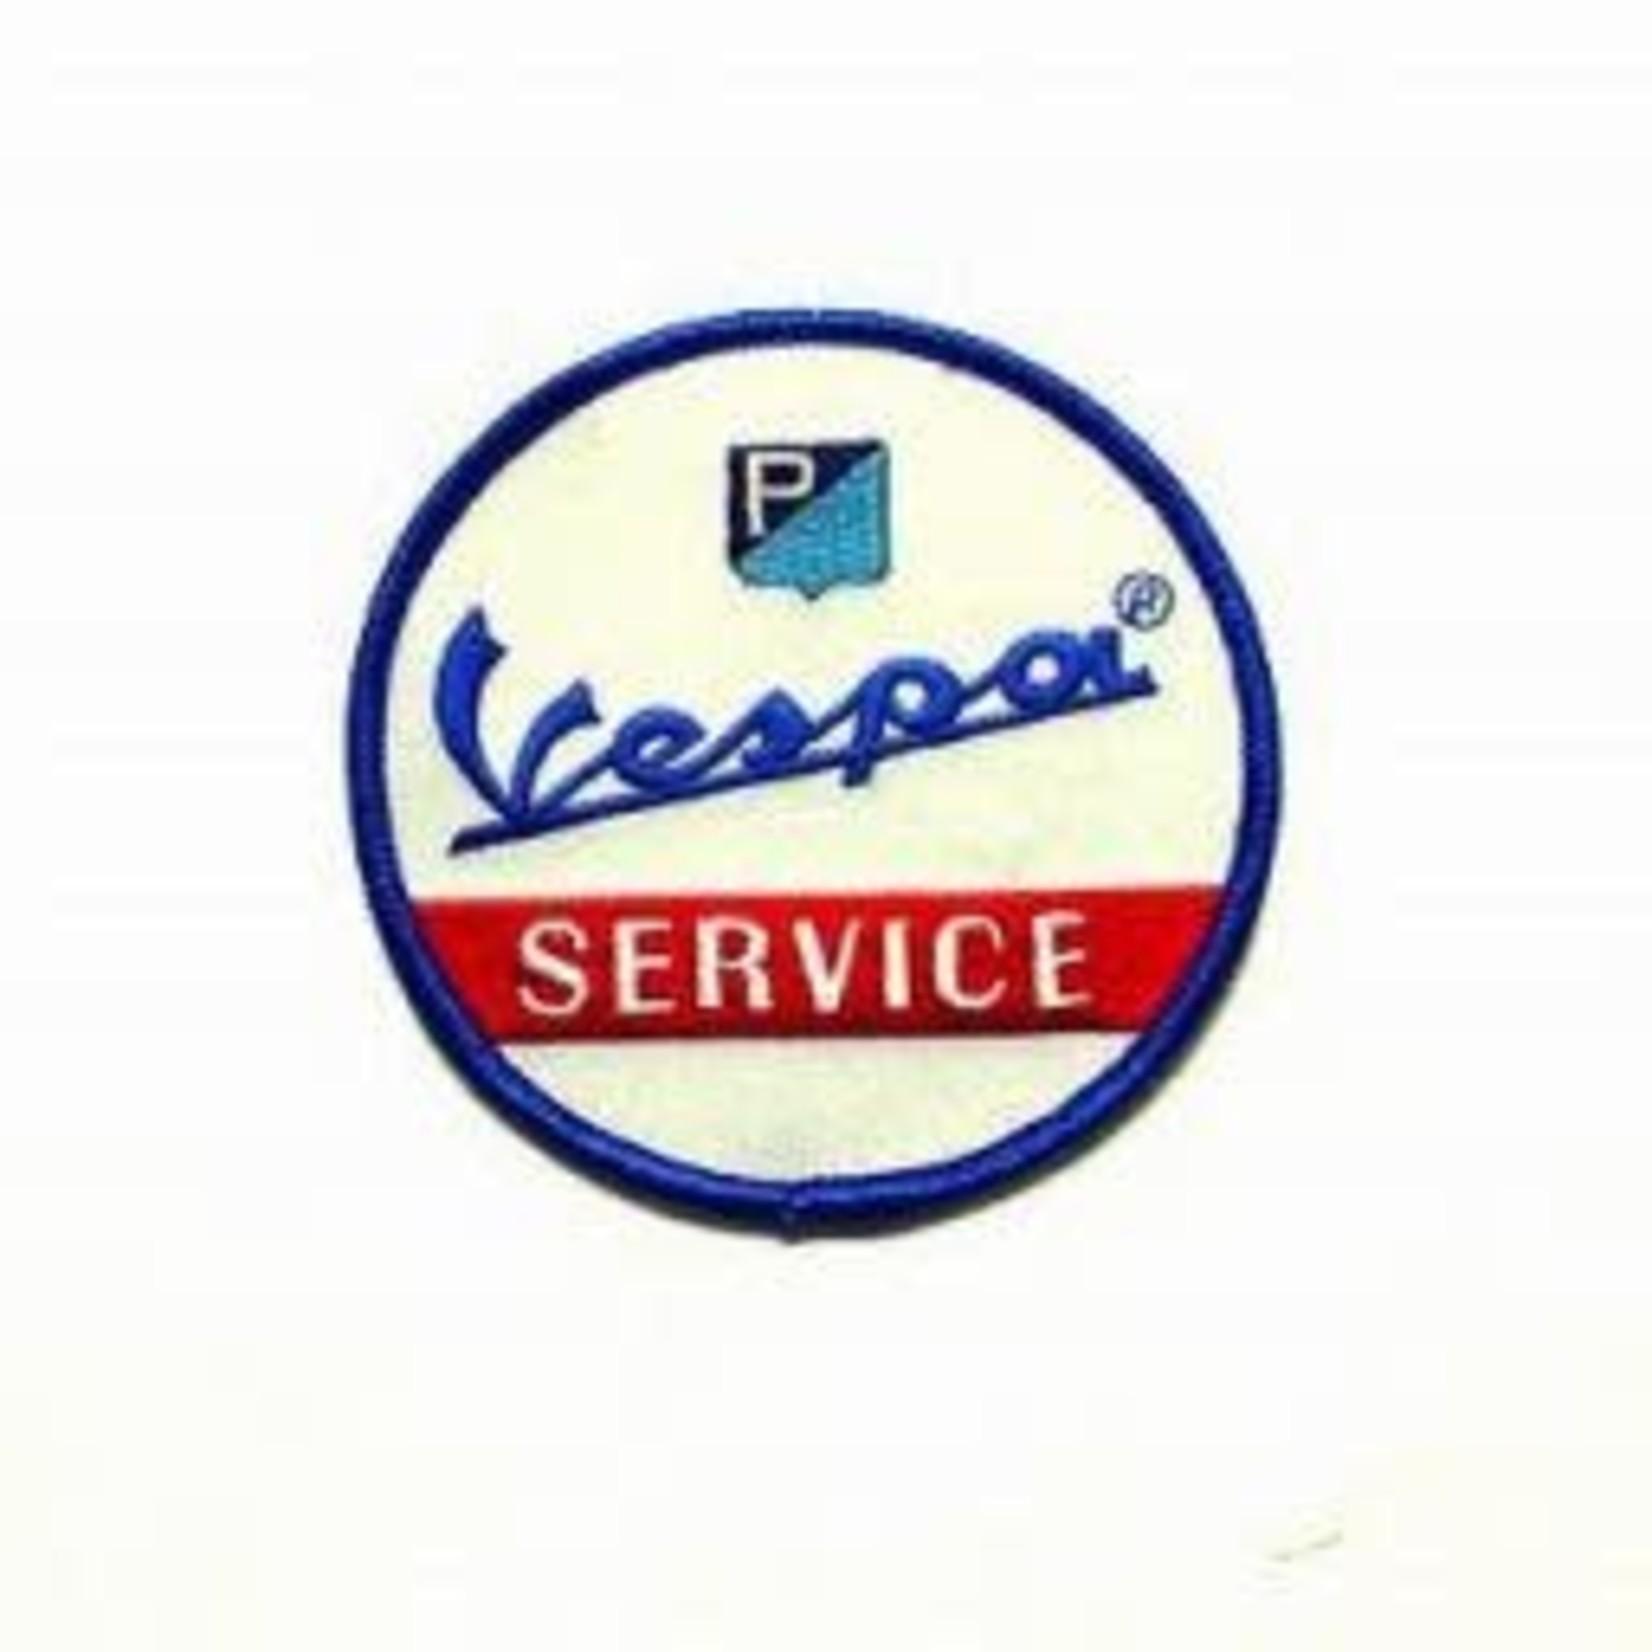 Lifestyle Patch, Vespa Service